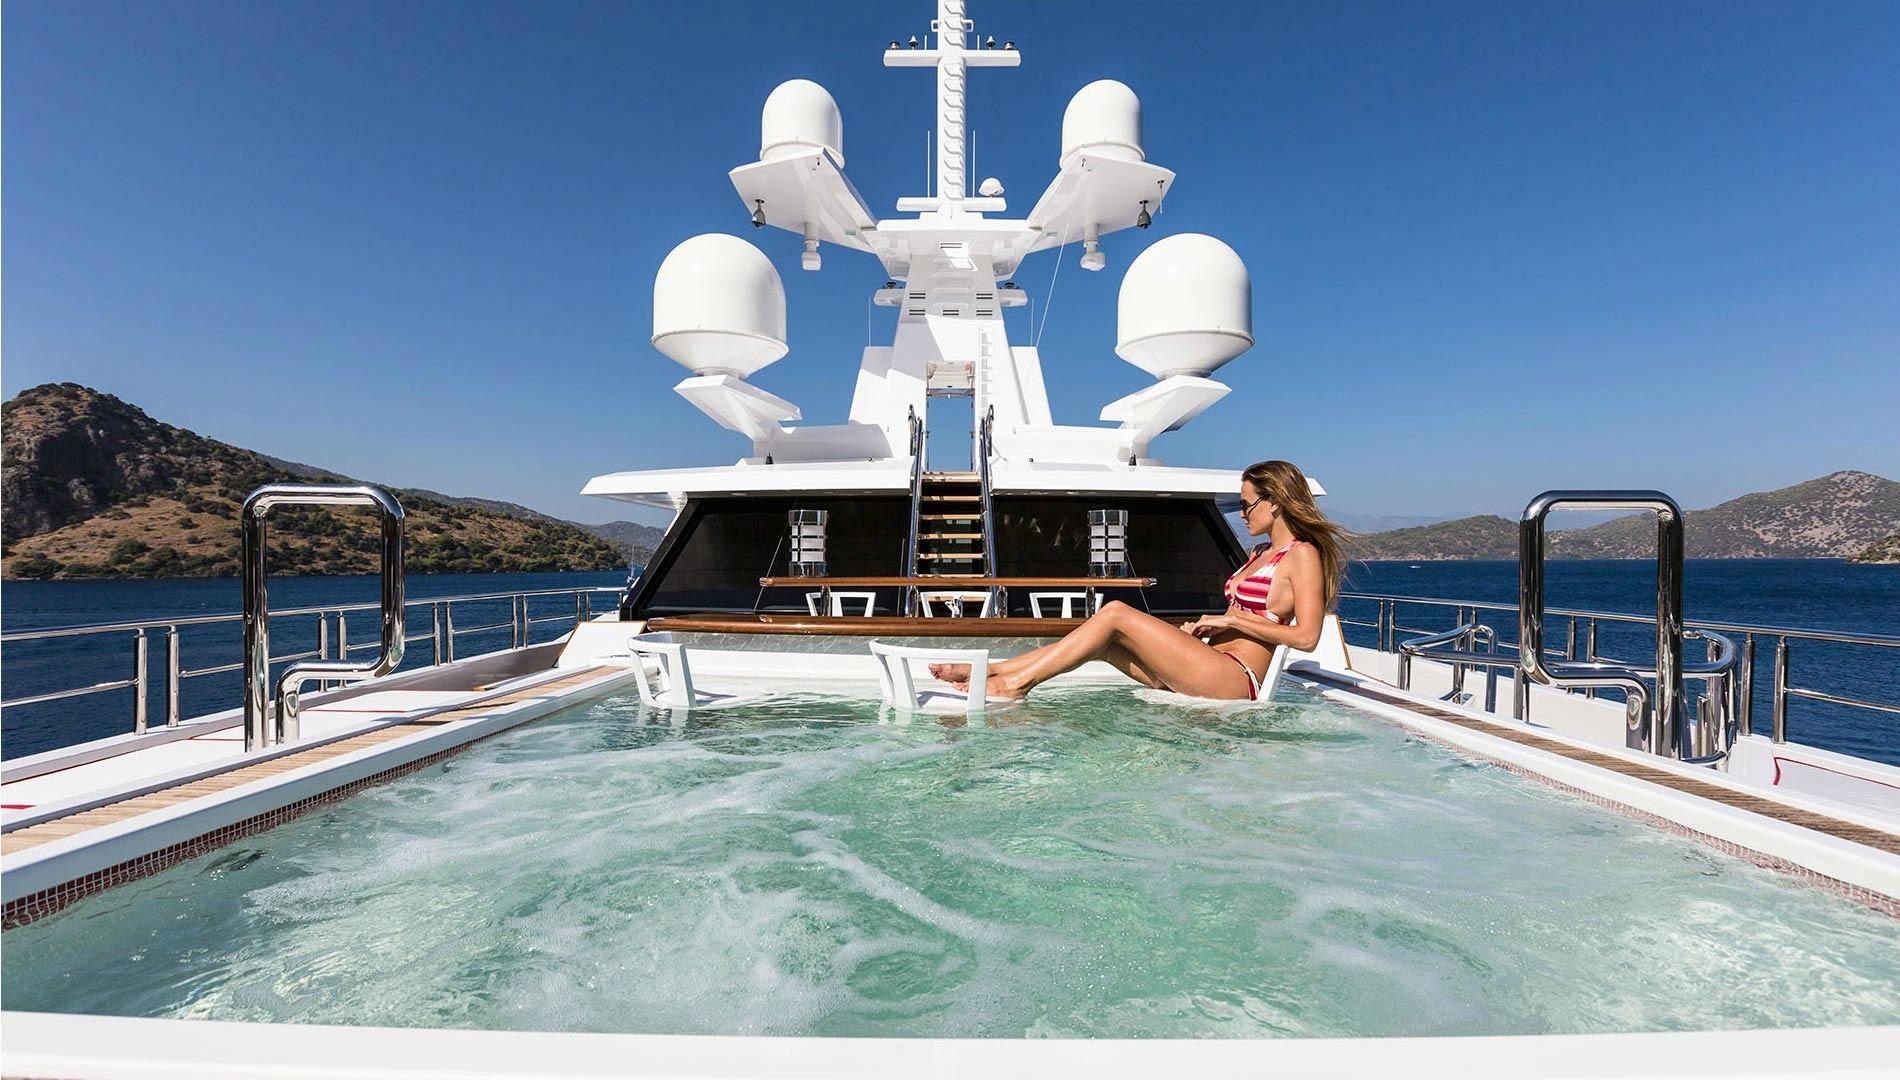 Alquiler de yates en Ibiza. Alquiler de barcos en Ibiza.Alquiler de superyates en Ibiza. Yates de lujo en Ibiza